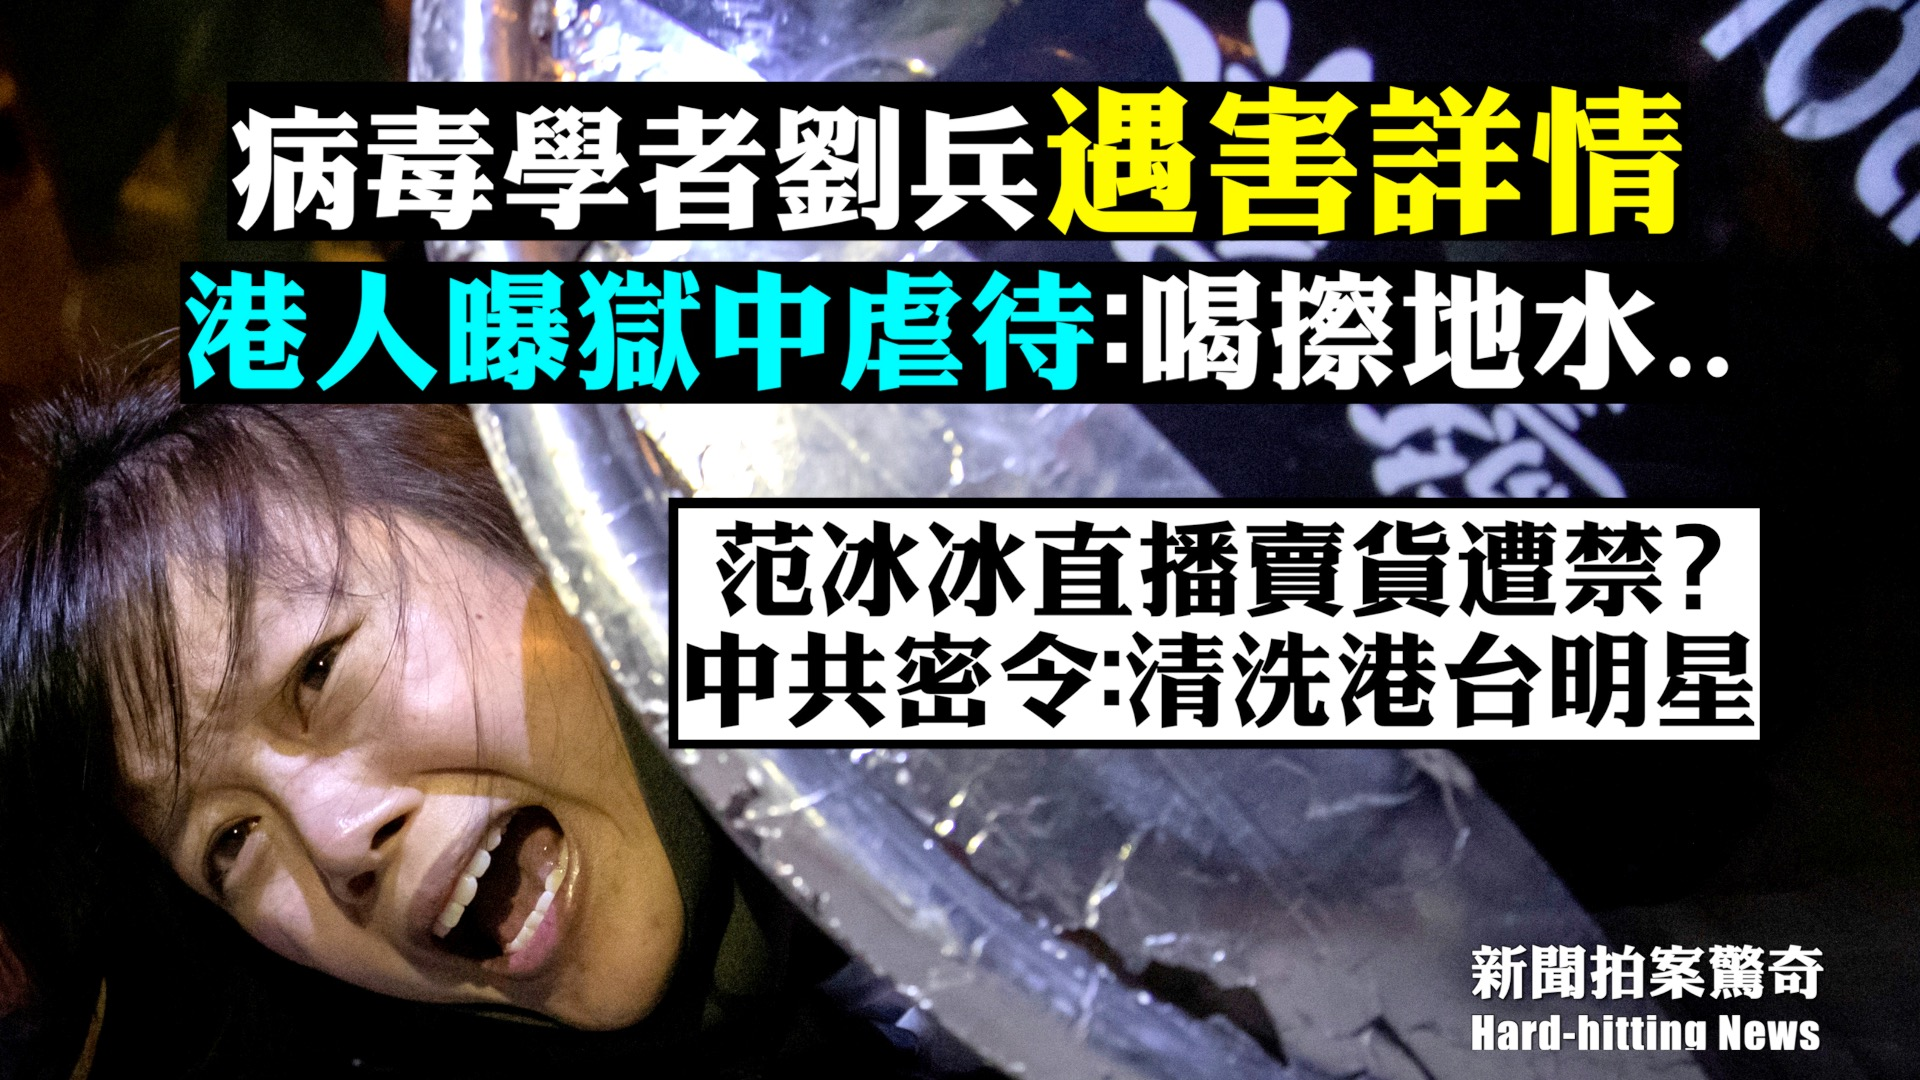 在美國的華裔病毒研究學者劉兵,在家遭遇槍擊身亡的事件。目前,有相關的更多消息流出。(新唐人合成)